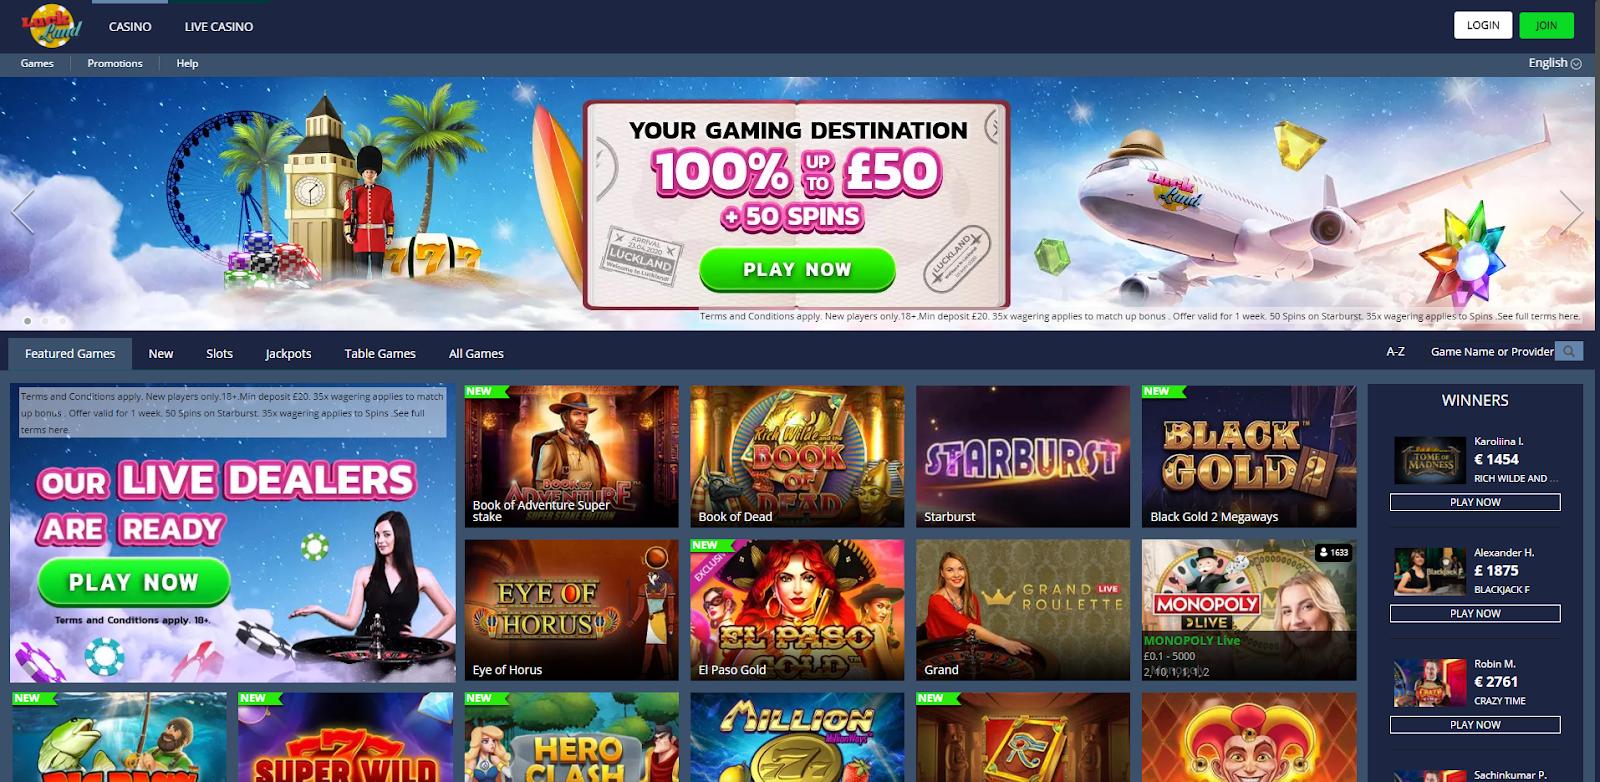 luck land casino homepage